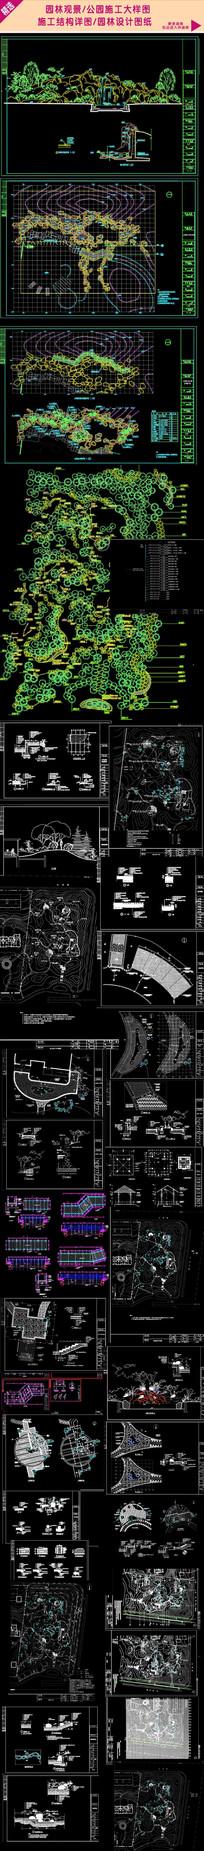 公园景观建筑CAD施工图